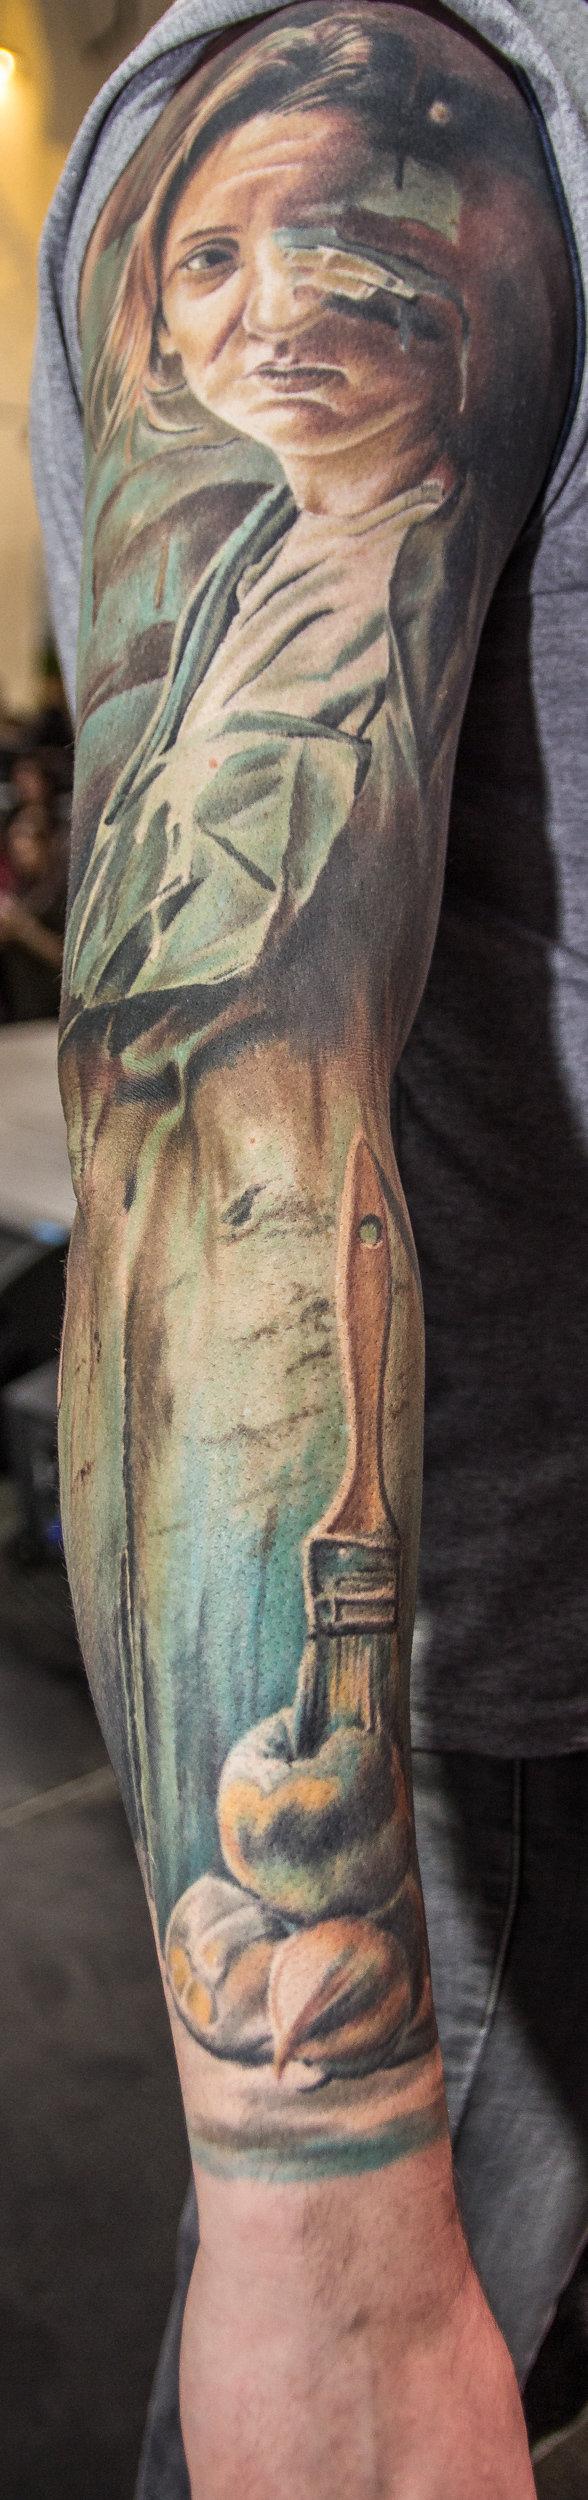 1_miejsce_Najlepszy tatuaż - duży kolorowy(1).jpg